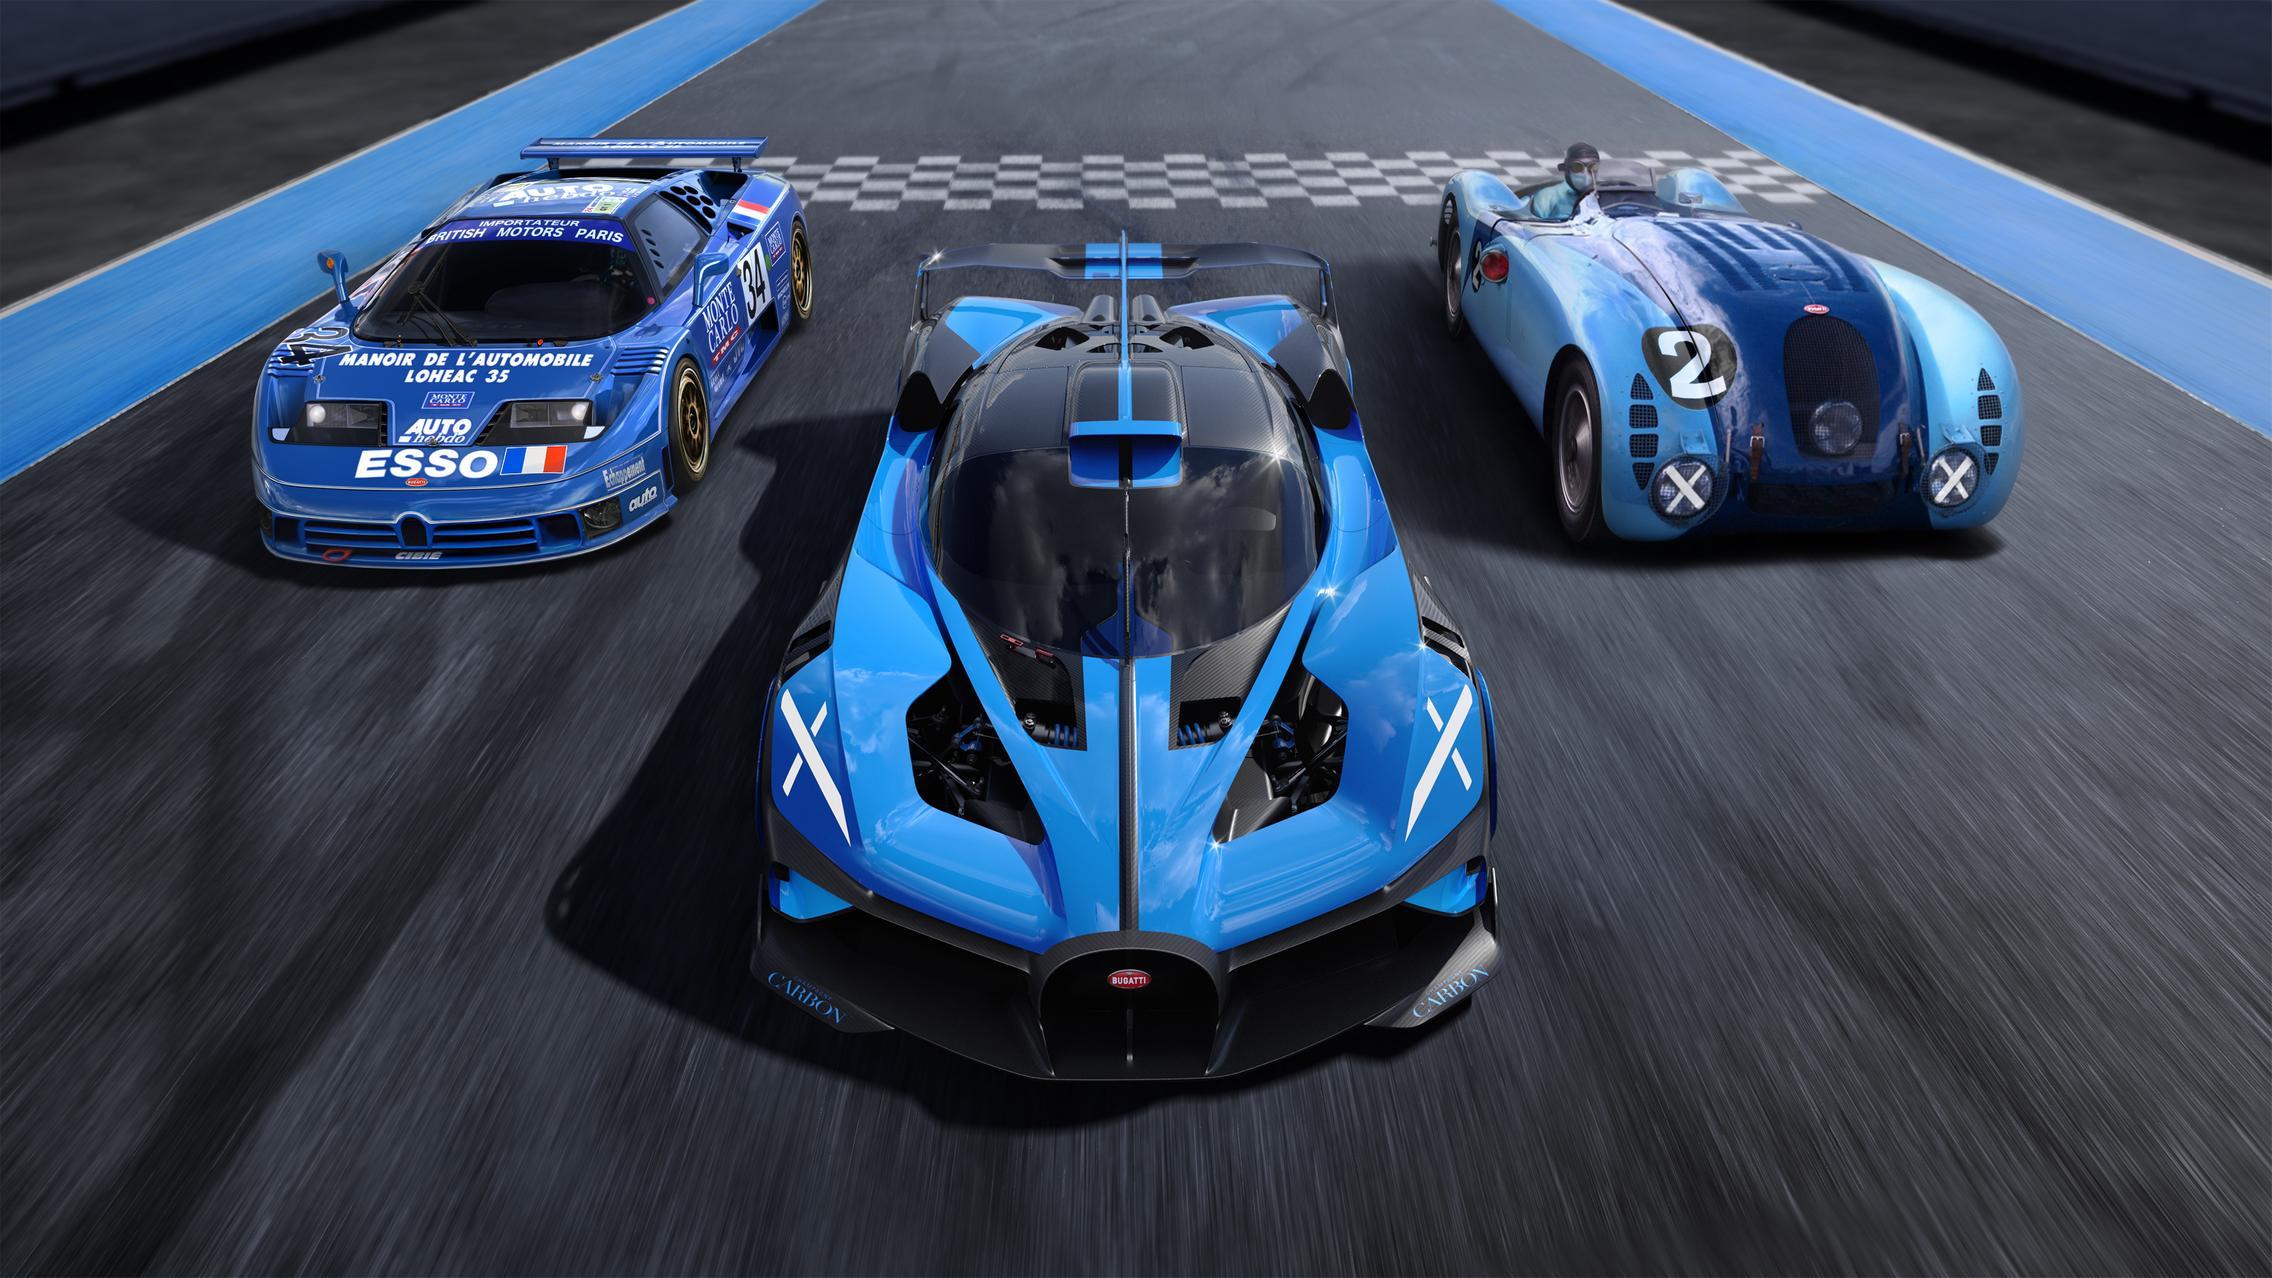 Bugatti Group shot